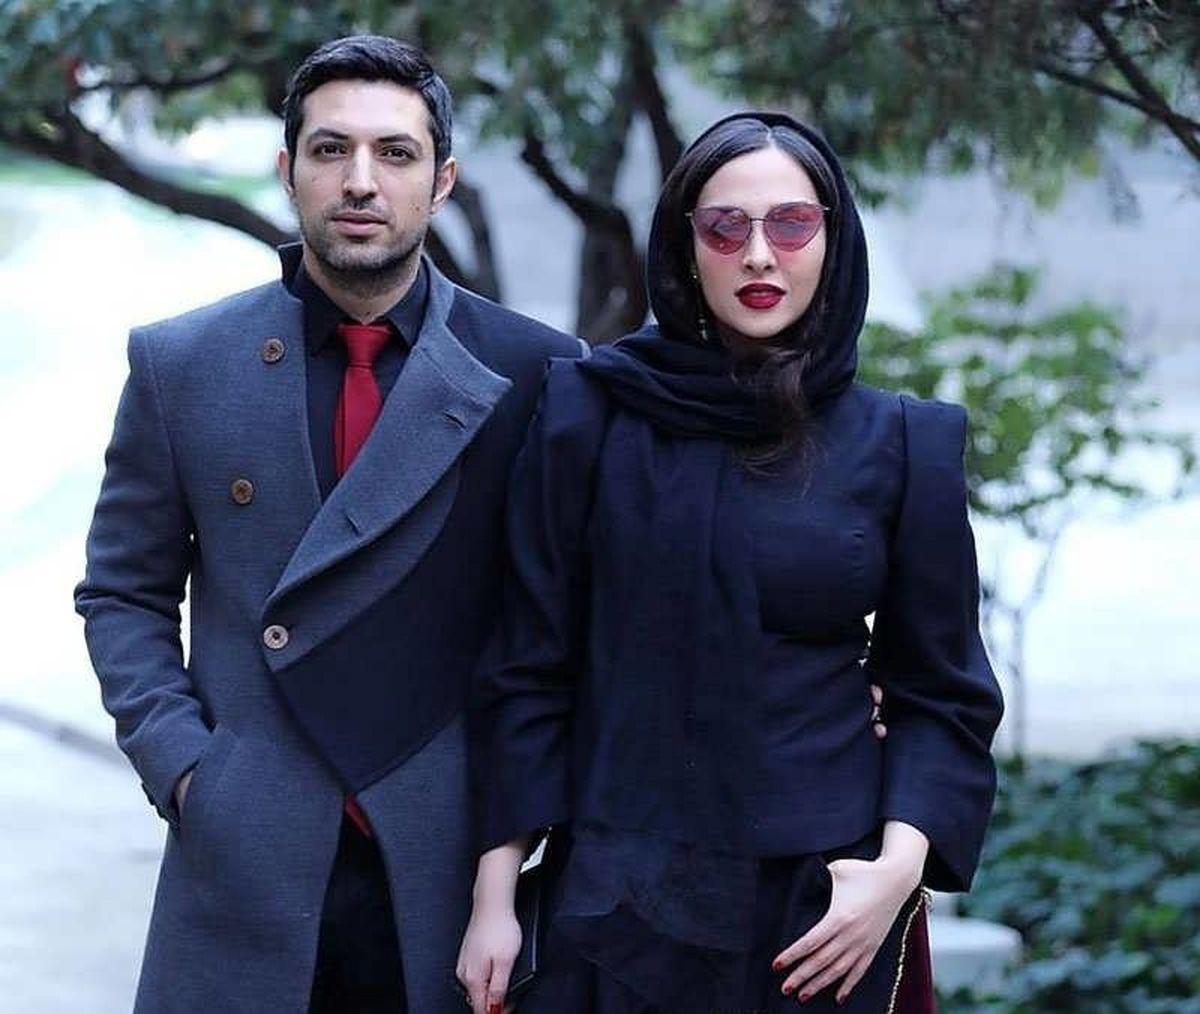 اشکان خطیبی برای همسرش مدل شد! +تصاویر عاشقانه اشکان خطیبی